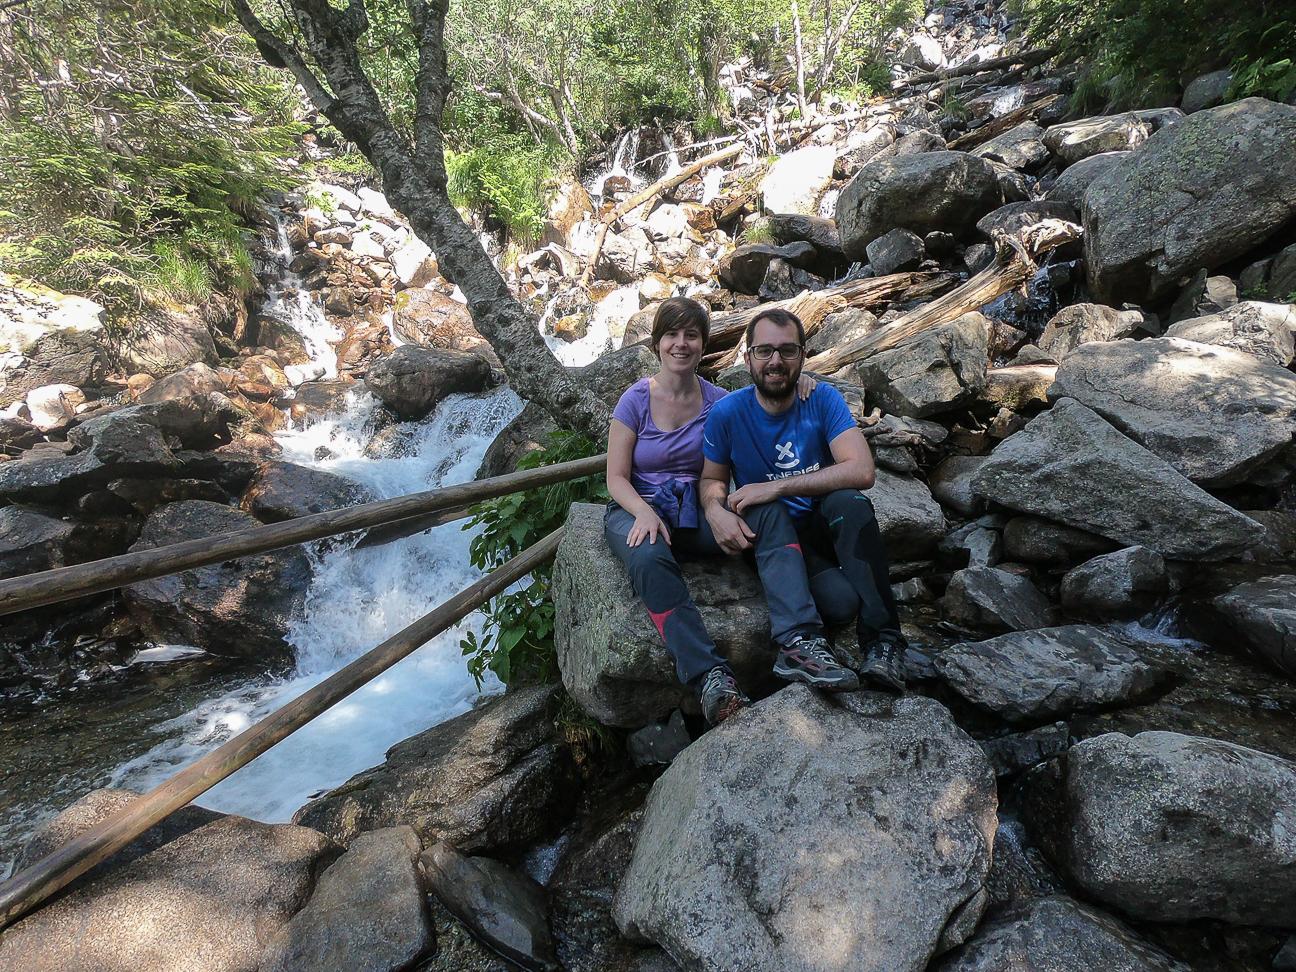 Caminata por Parque Nacional de Aigues Tortes